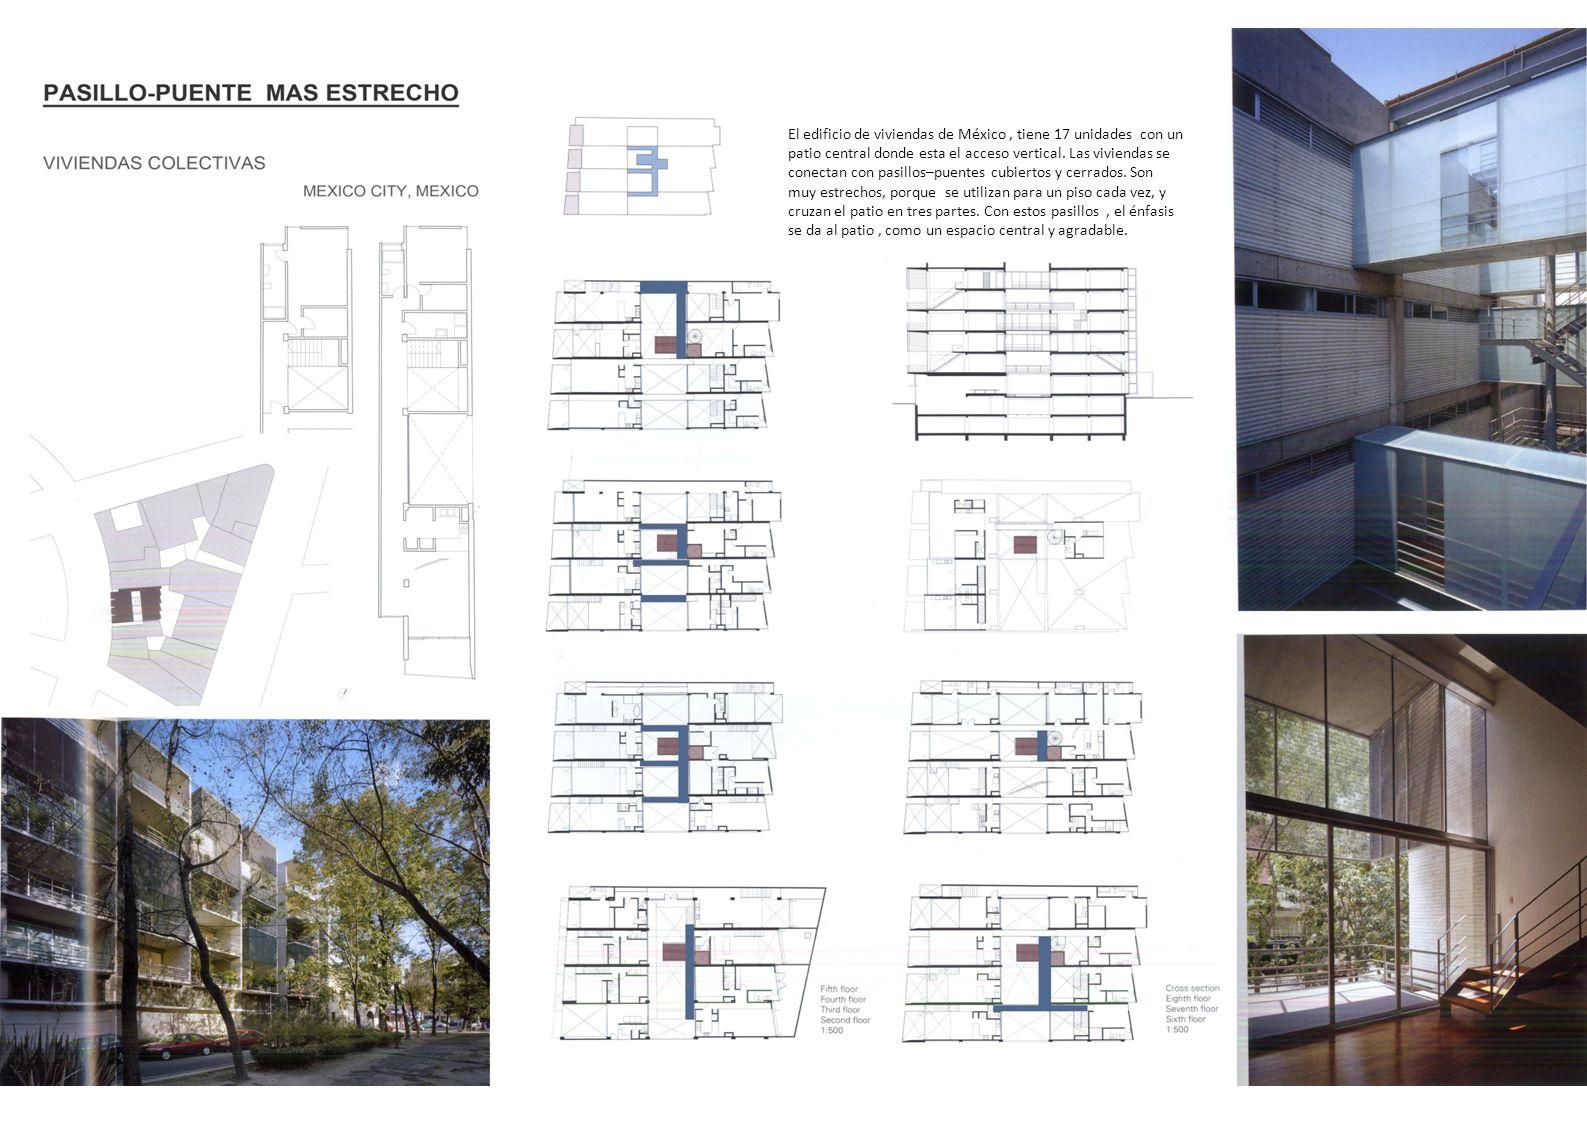 El edificio de viviendas de México , tiene 17 unidades con un patio central donde esta el acceso vertical.